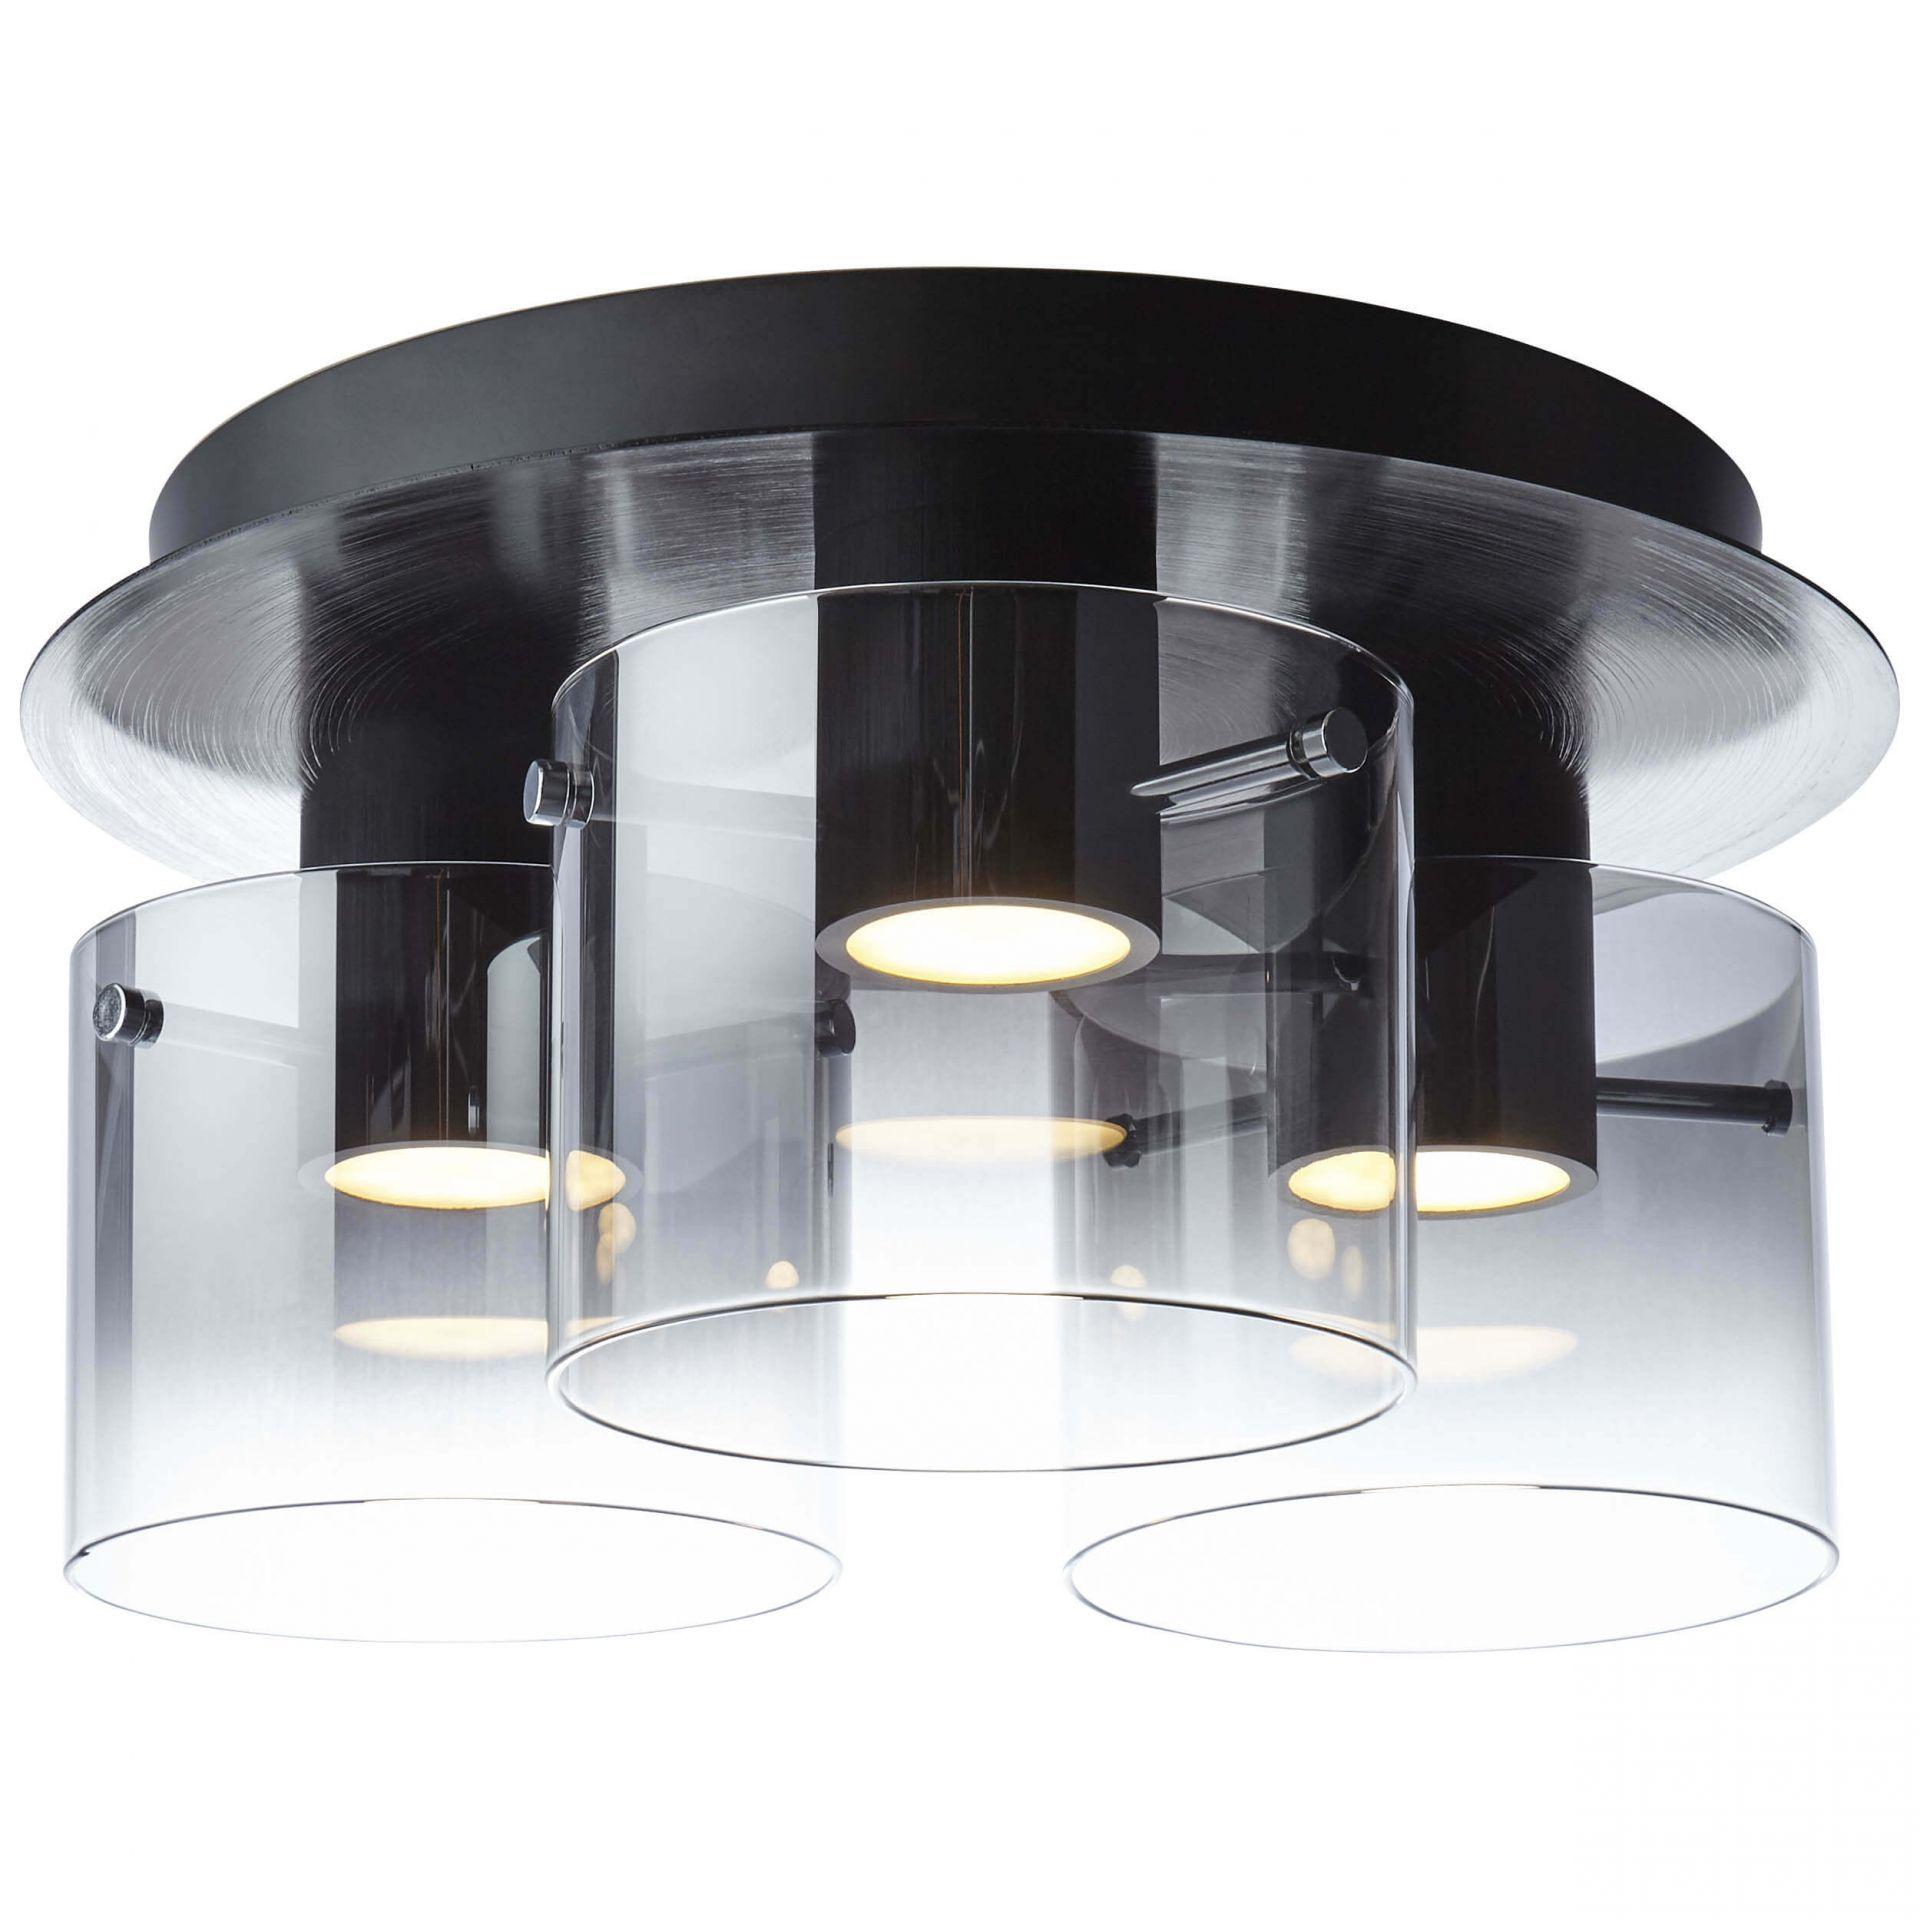 Brilliant G90866/93 Hobey Deckenleuchte, 3-flammig Glas/Metall schwarz/rauchglas